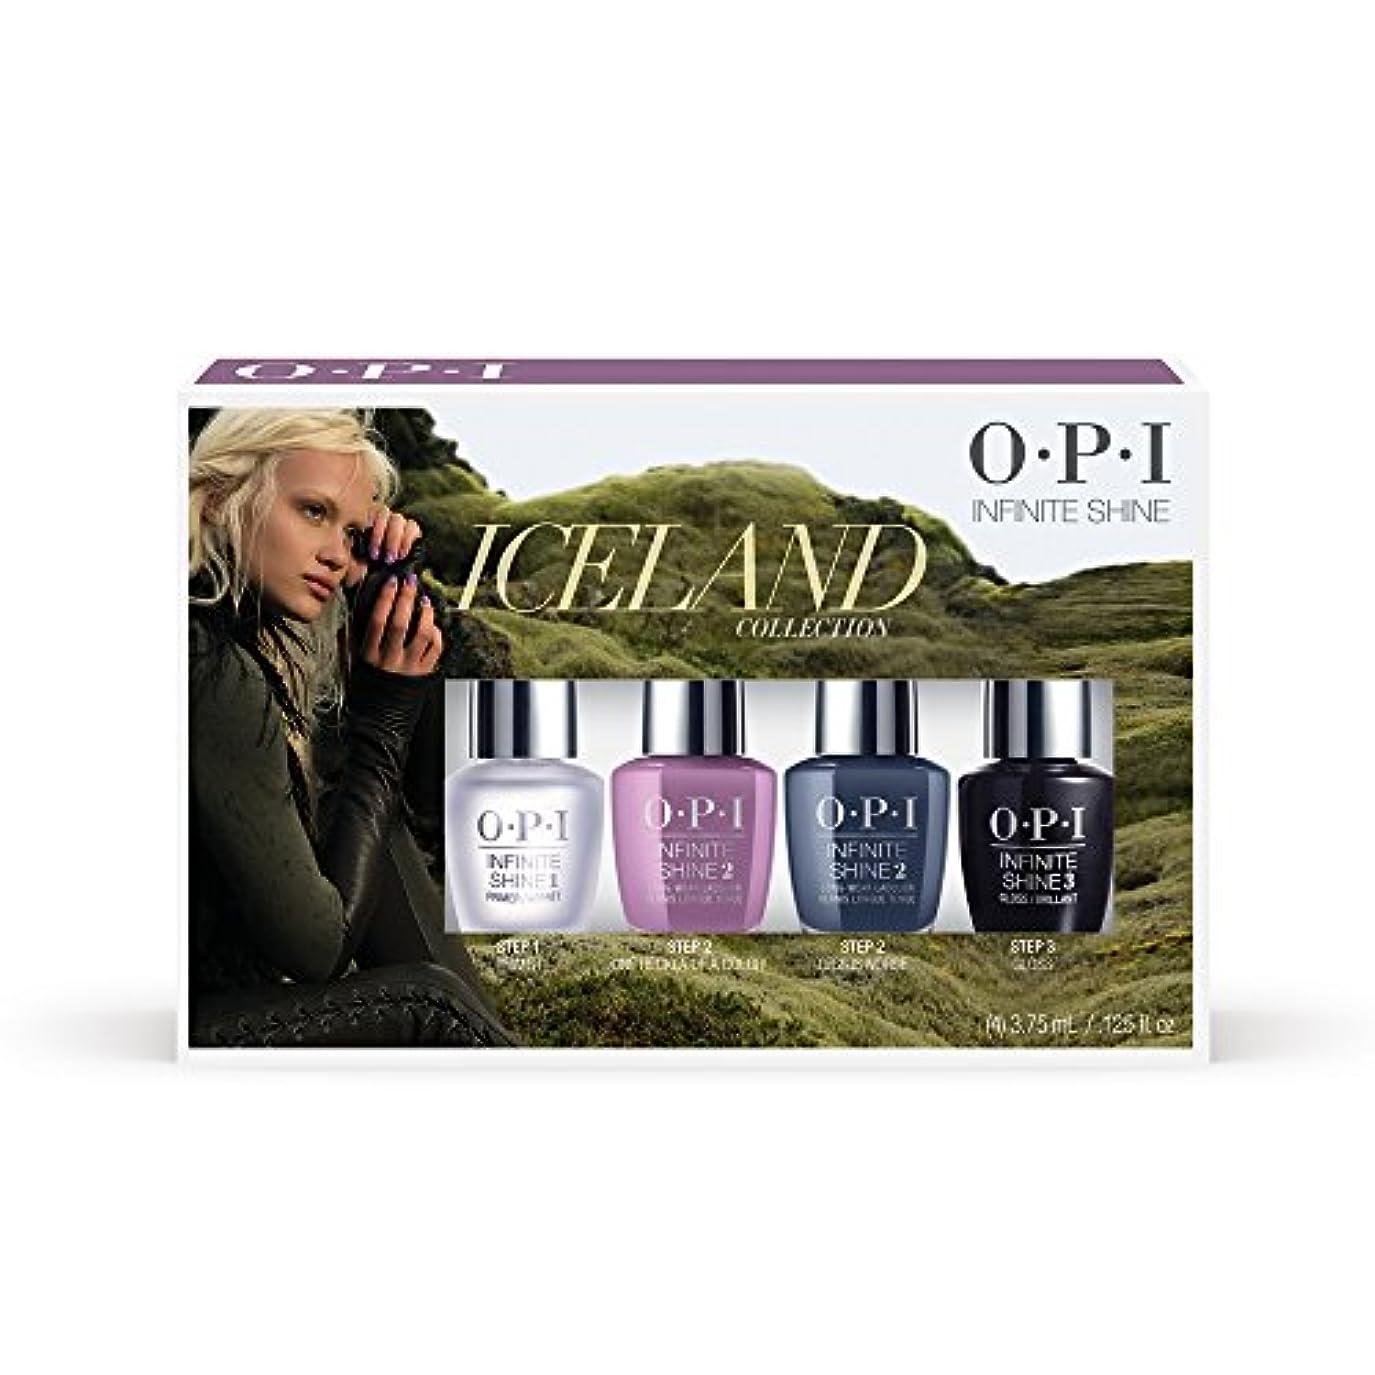 気になるダイエット病OPI(オーピーアイ) アイスランド コレクション インフィニット シャイン ミニパック